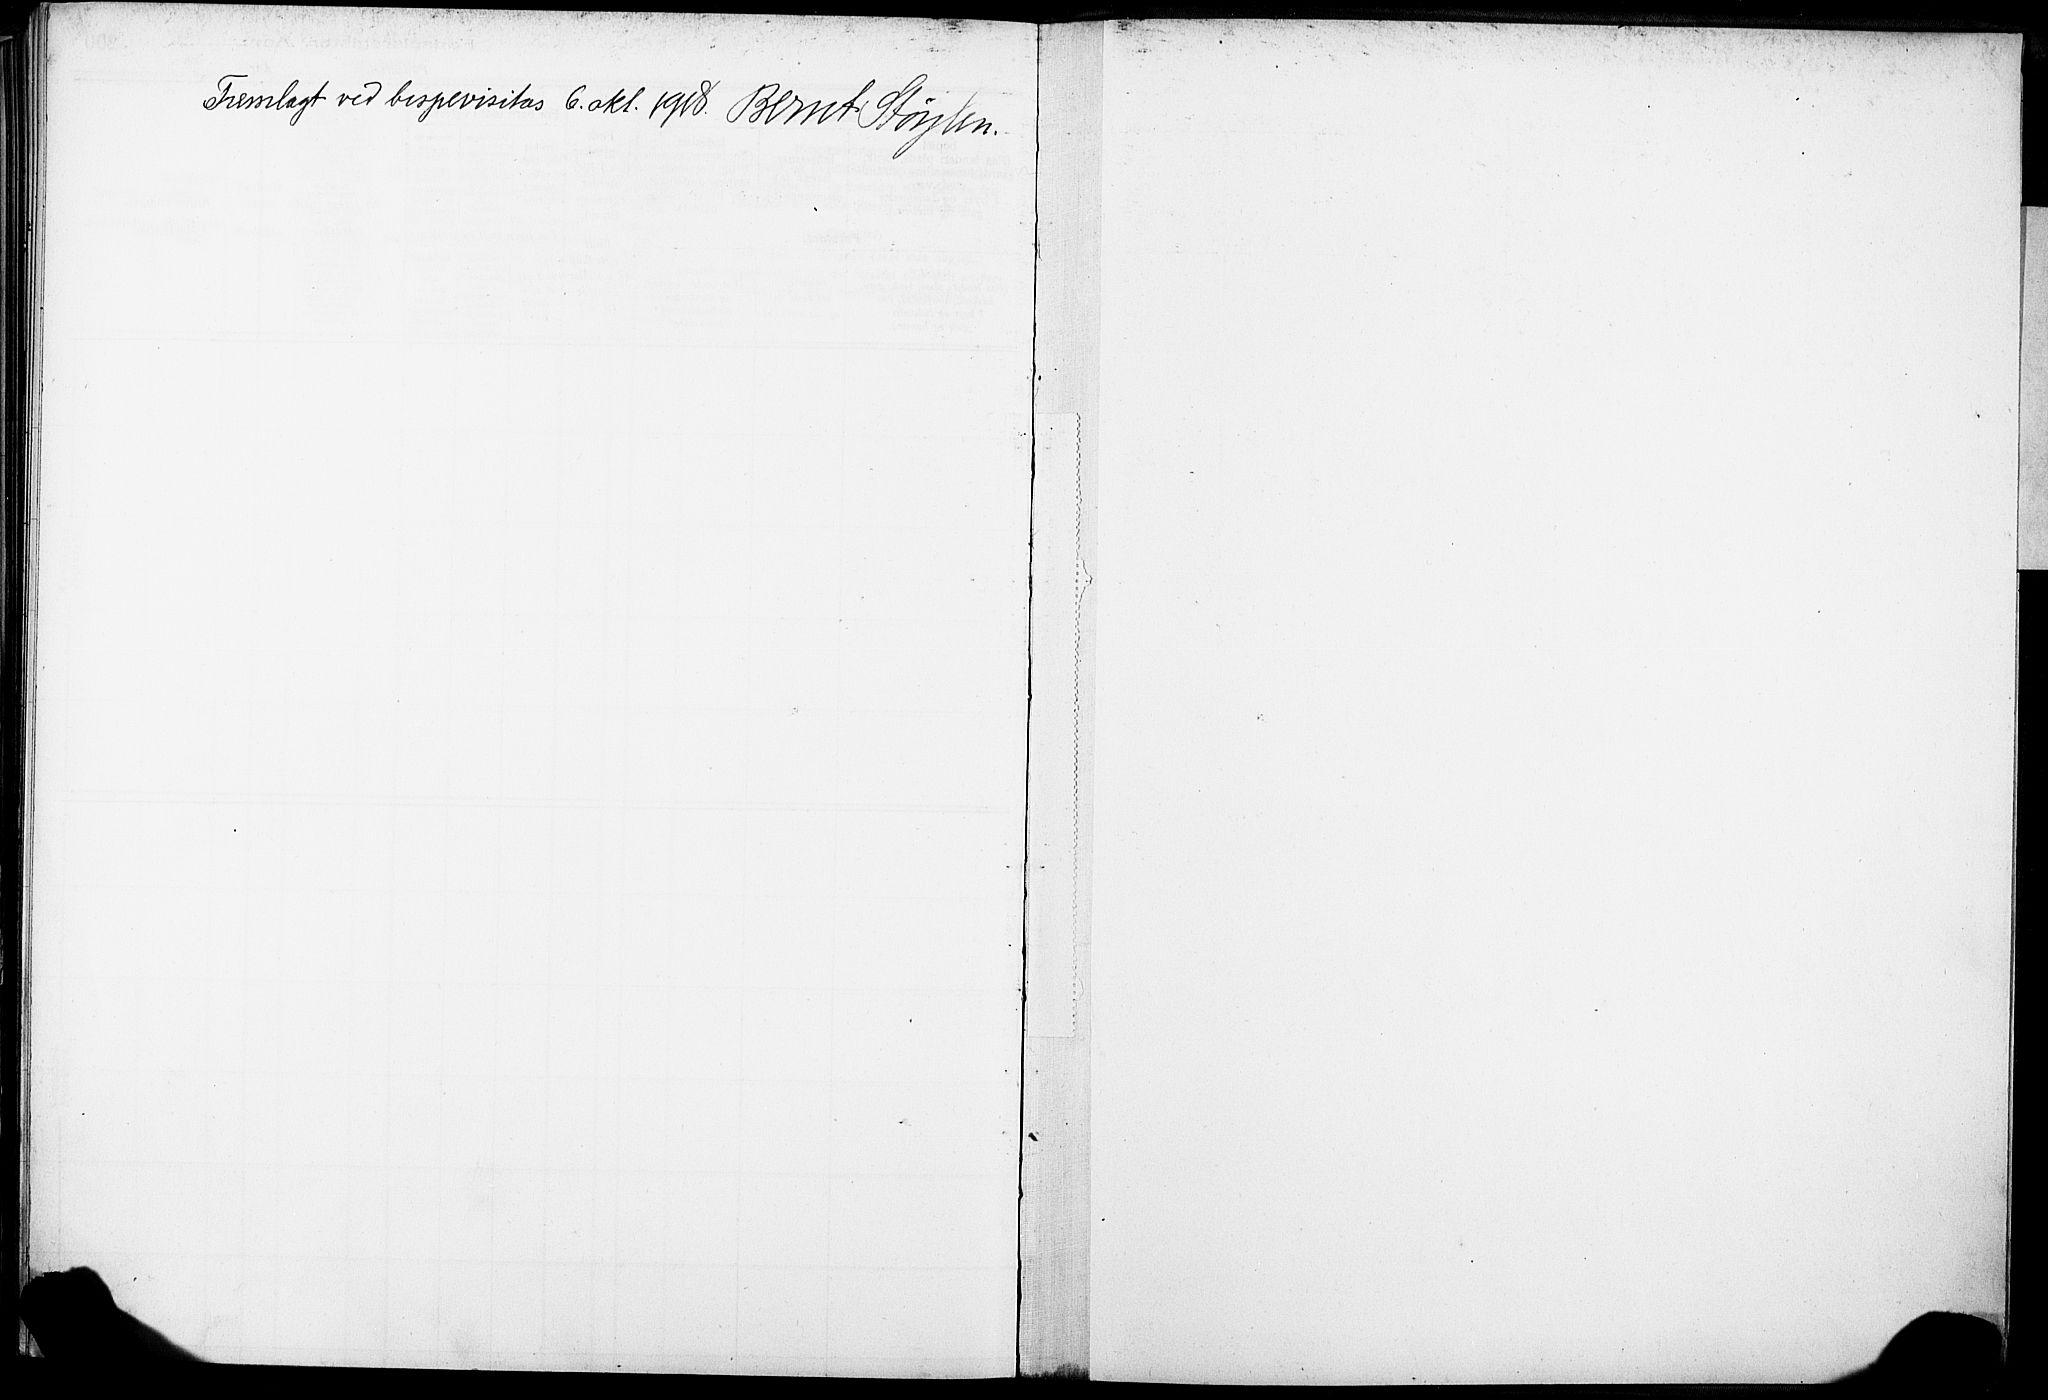 SAKO, Skien kirkebøker, J/Ja/L0001: Fødselsregister nr. 1, 1916-1920